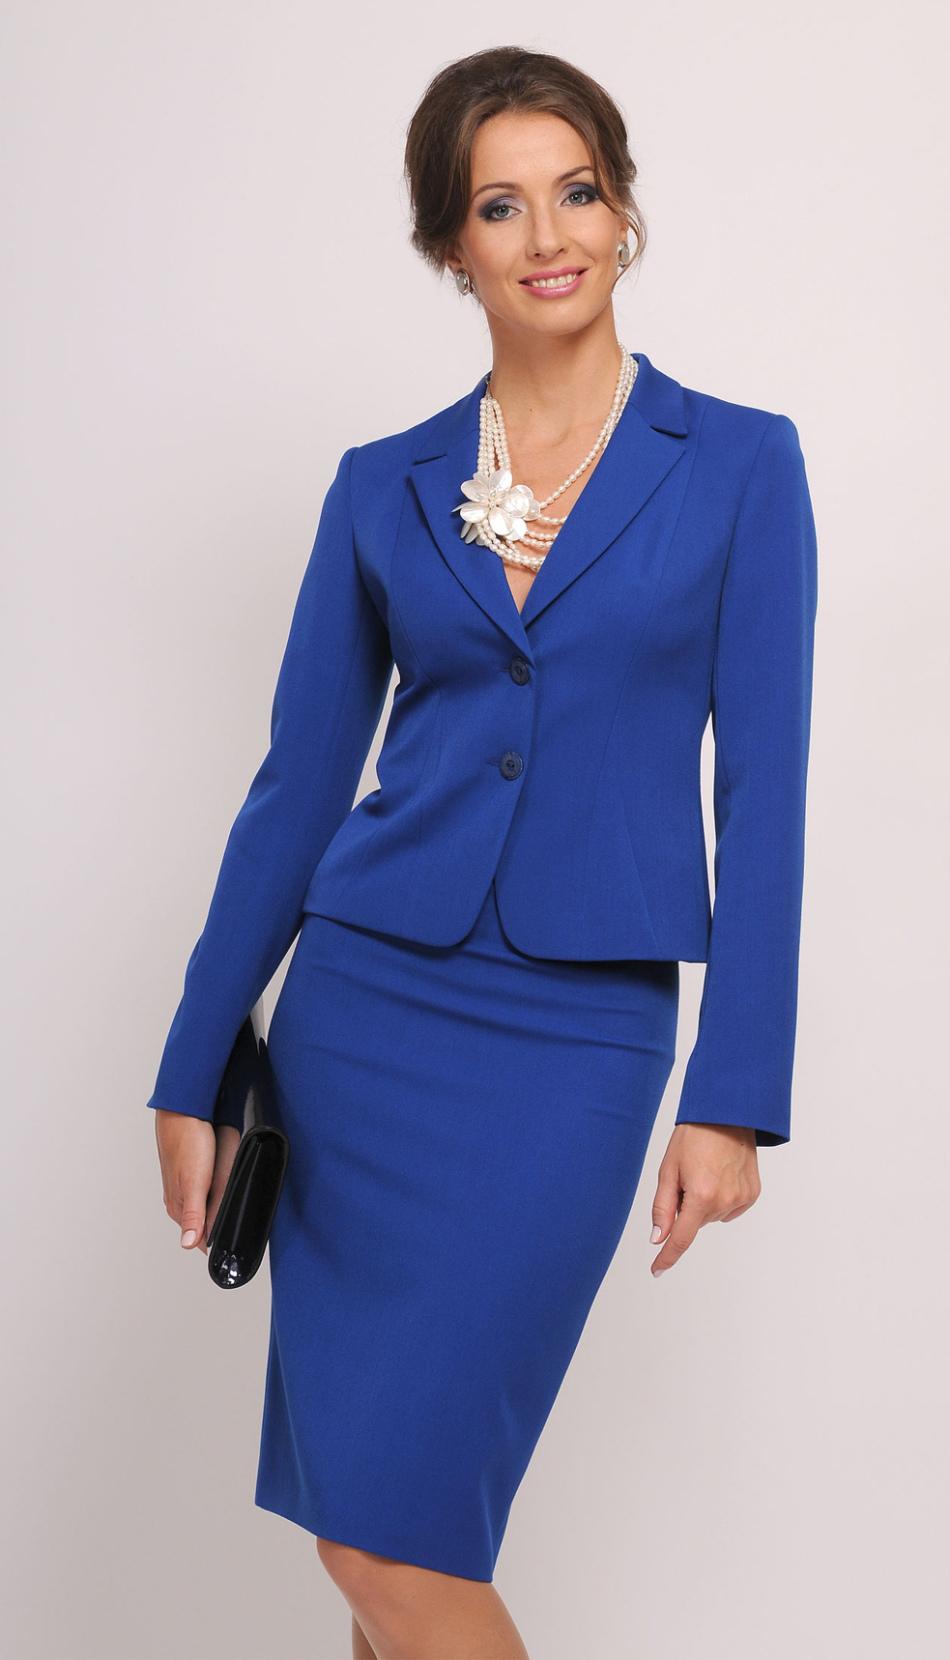 деловой женский костюм картинки создаются